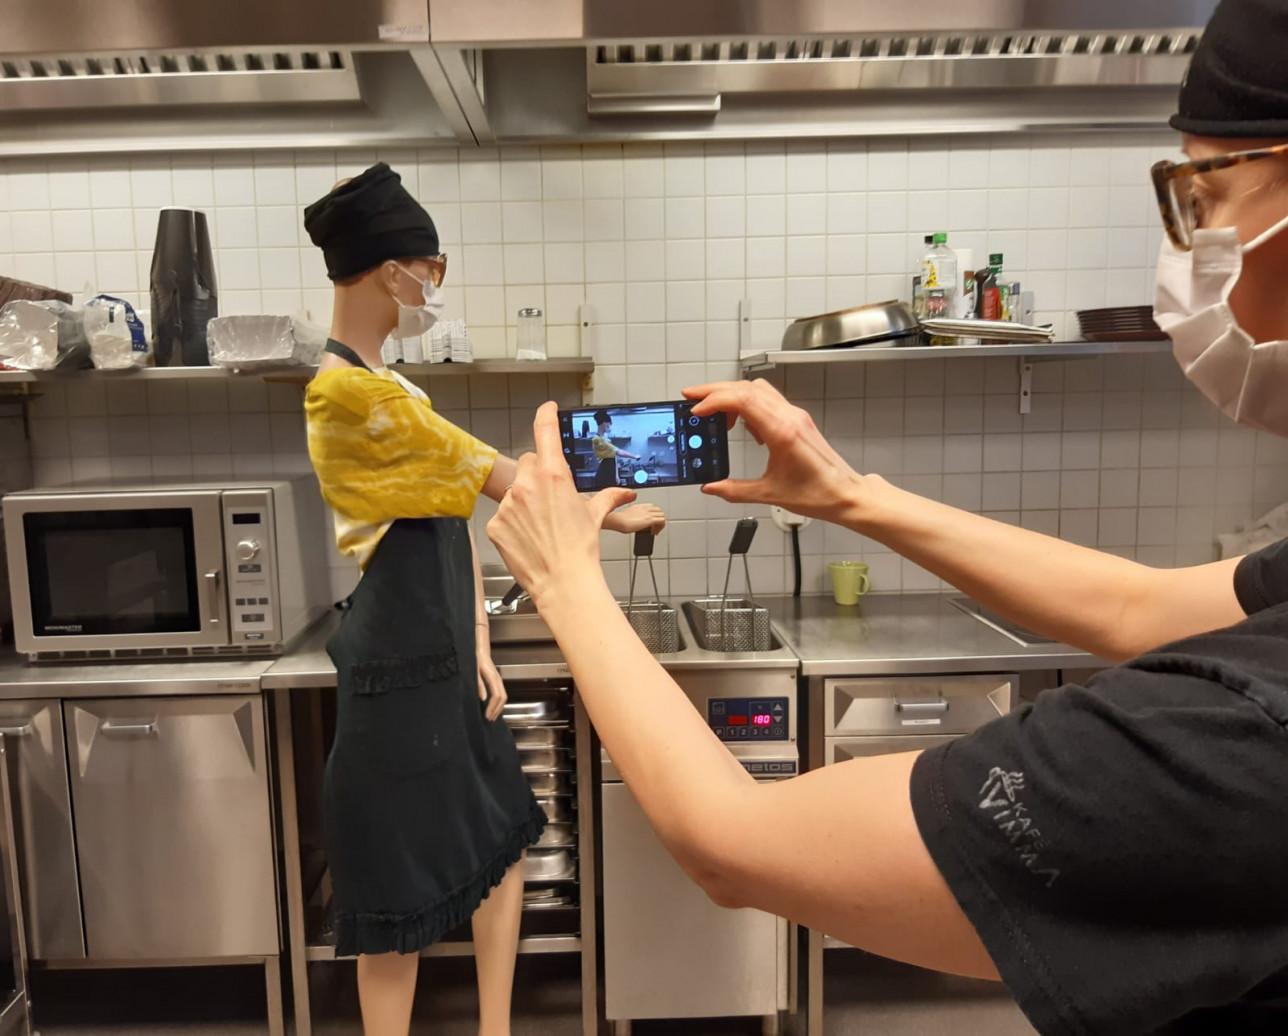 Kahvilatyöntekijä kuvaa kokiksi aseteltua mallinukkea keittiössä.